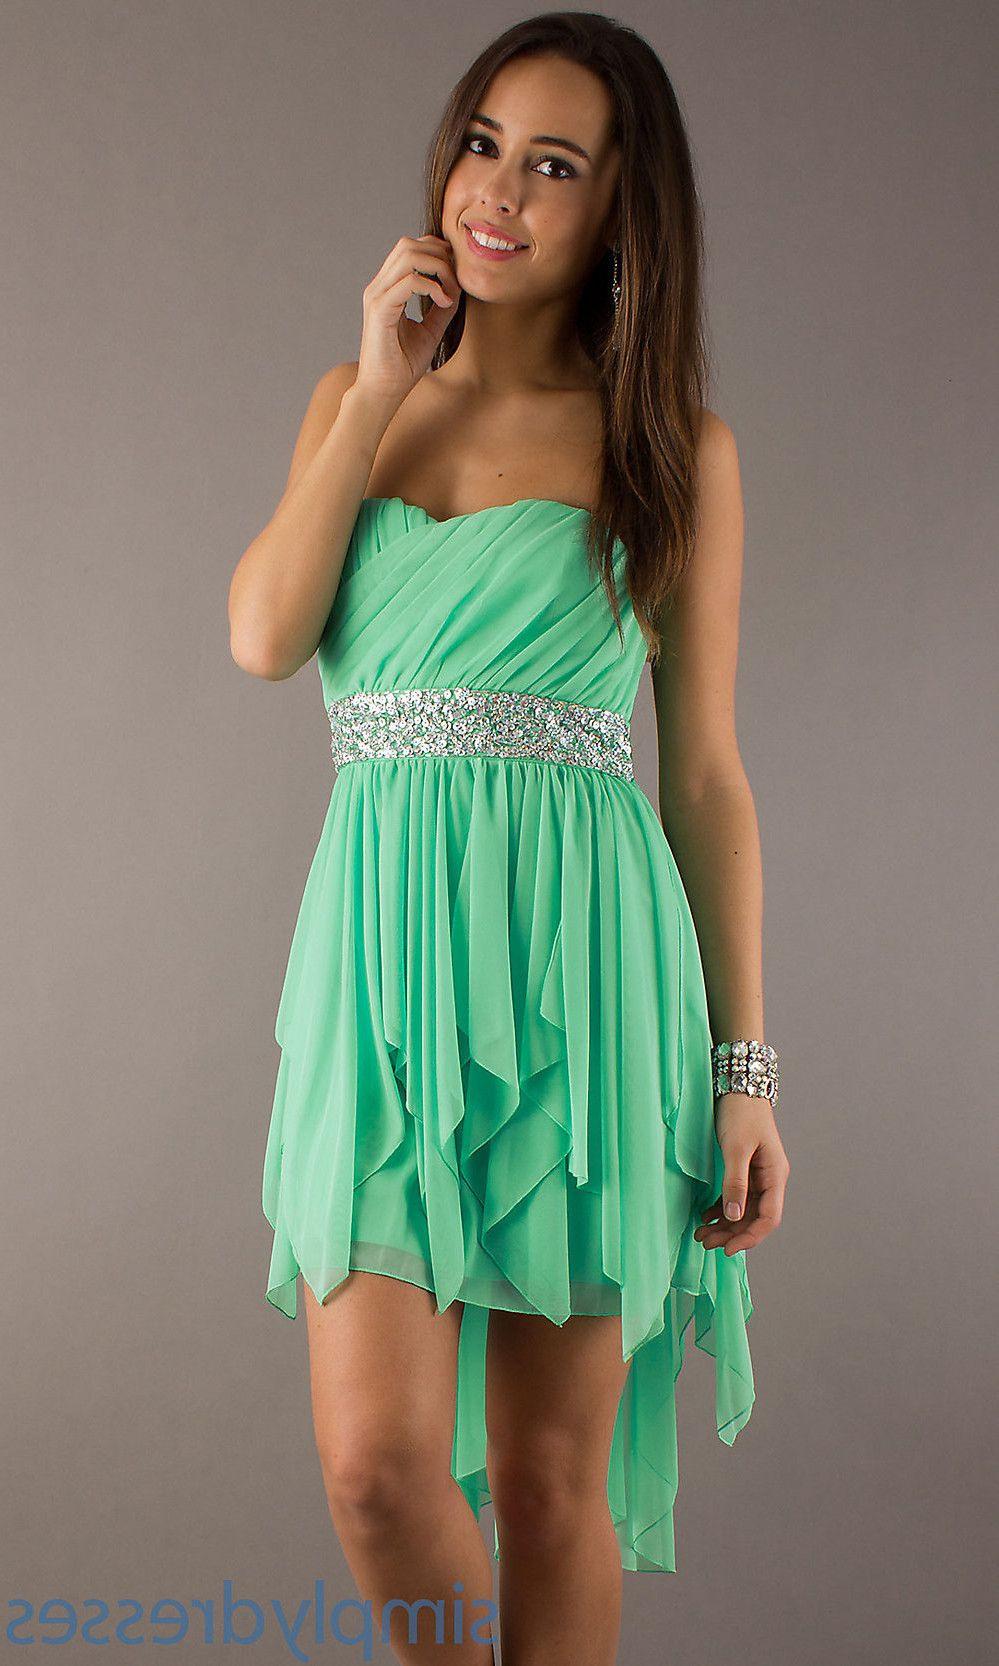 Abend Schön Abendkleider Für Teenager BoutiqueFormal Wunderbar Abendkleider Für Teenager Vertrieb